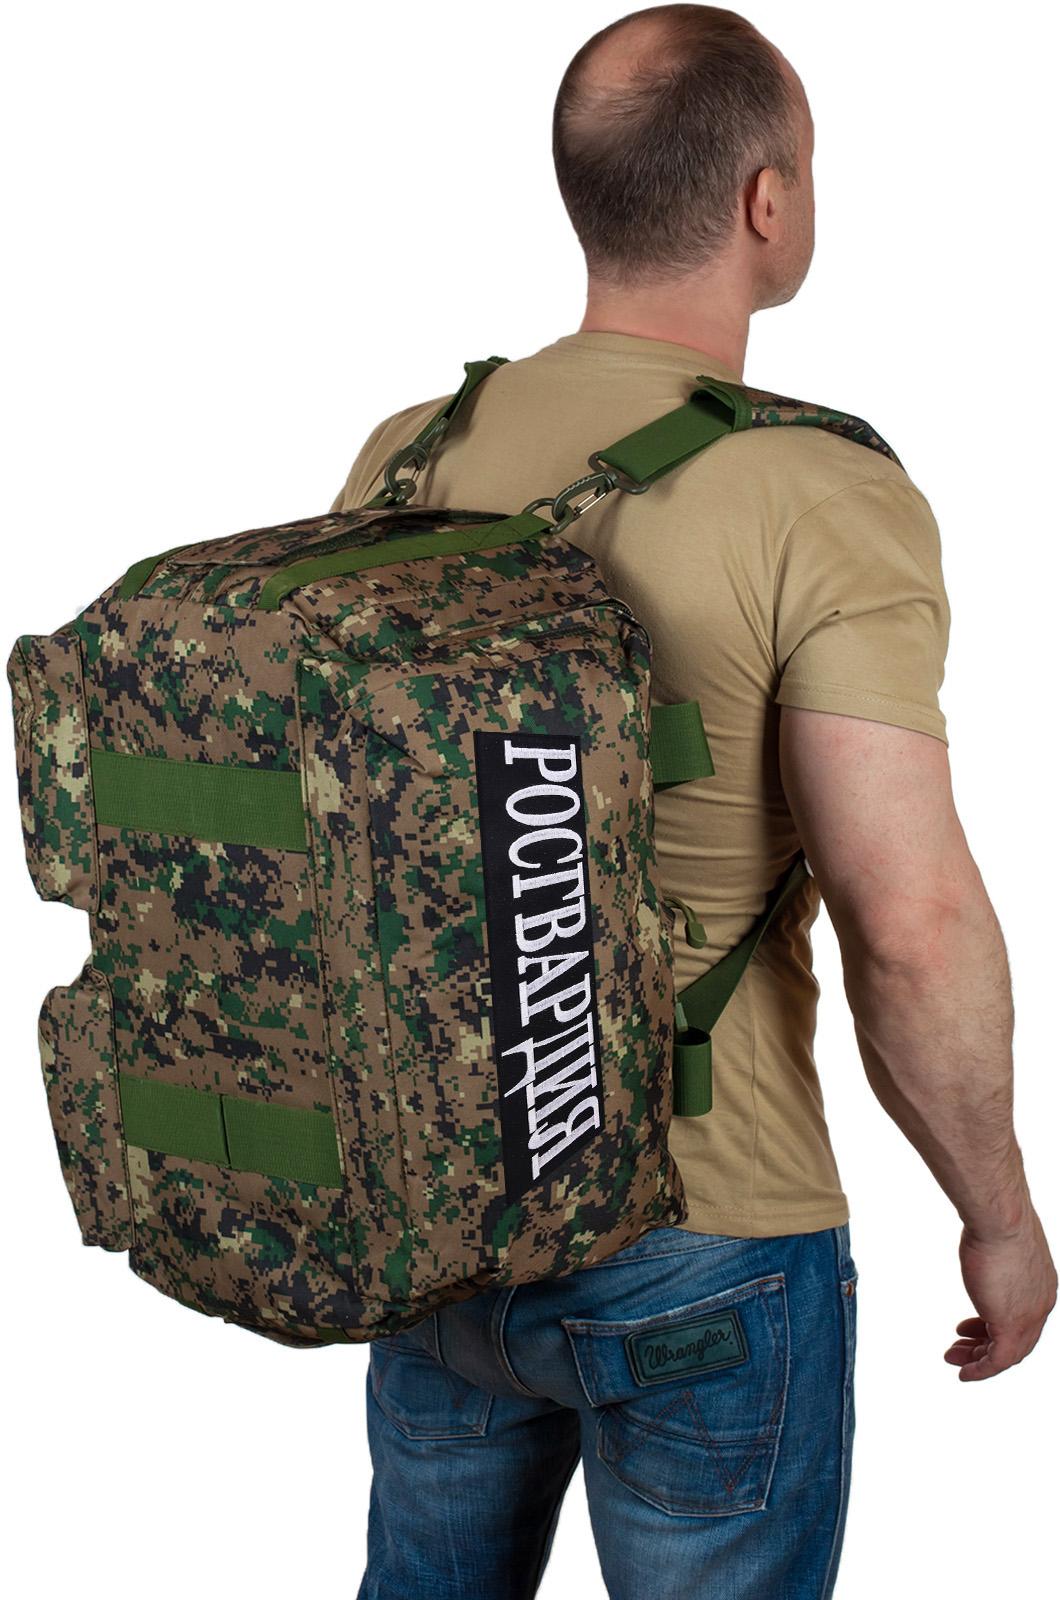 Купить армейскую дорожную сумку с нашивкой Росгвардия по экономичной цене